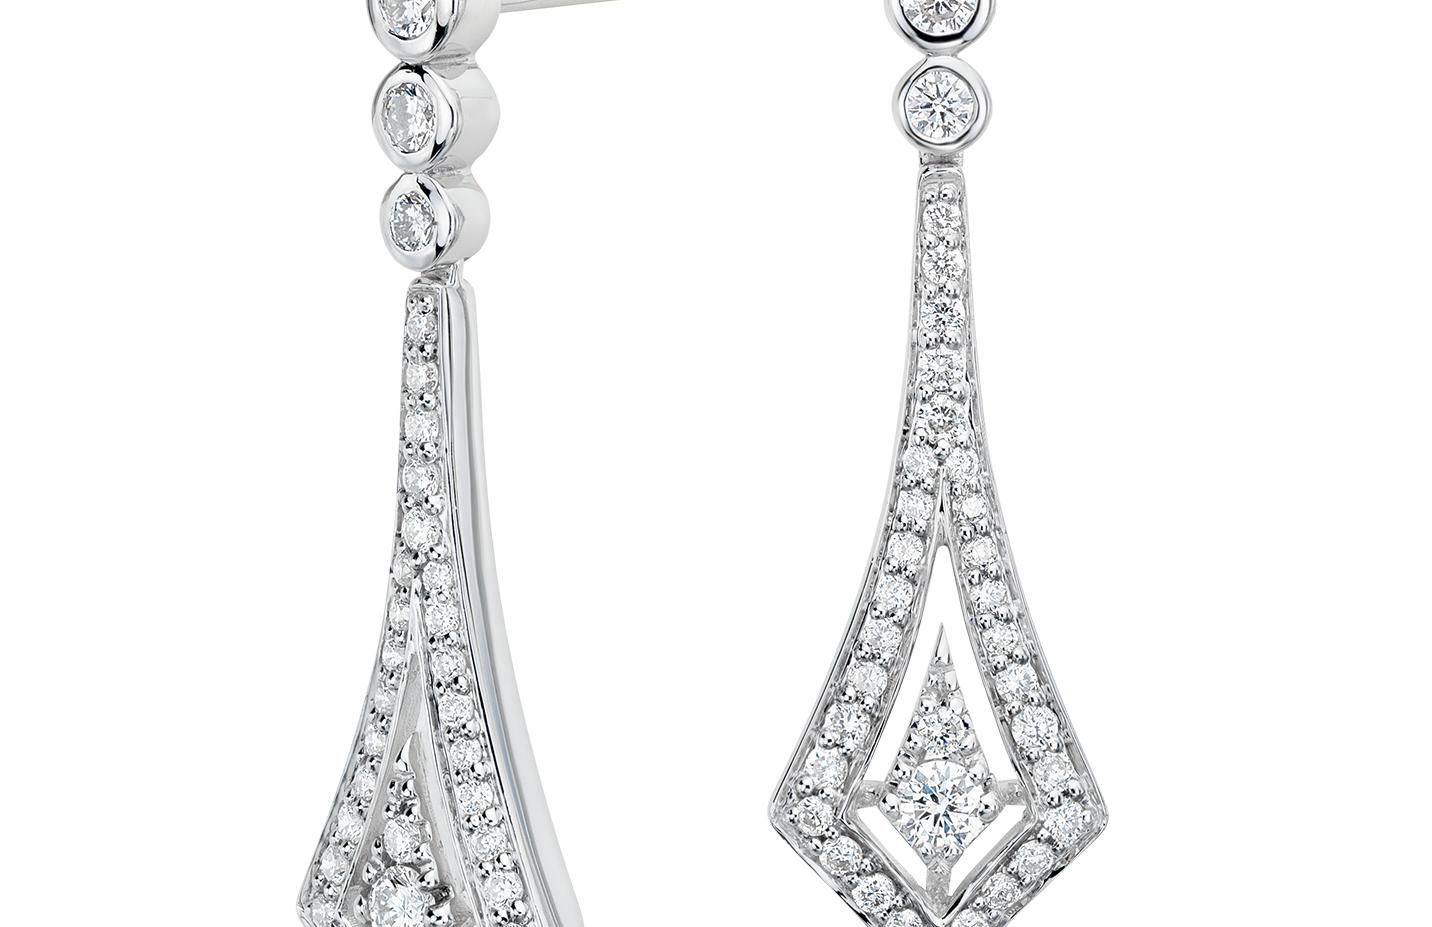 Deco Drop Diamond Earrings in 14k White Gold (1/2 ct. tw.)